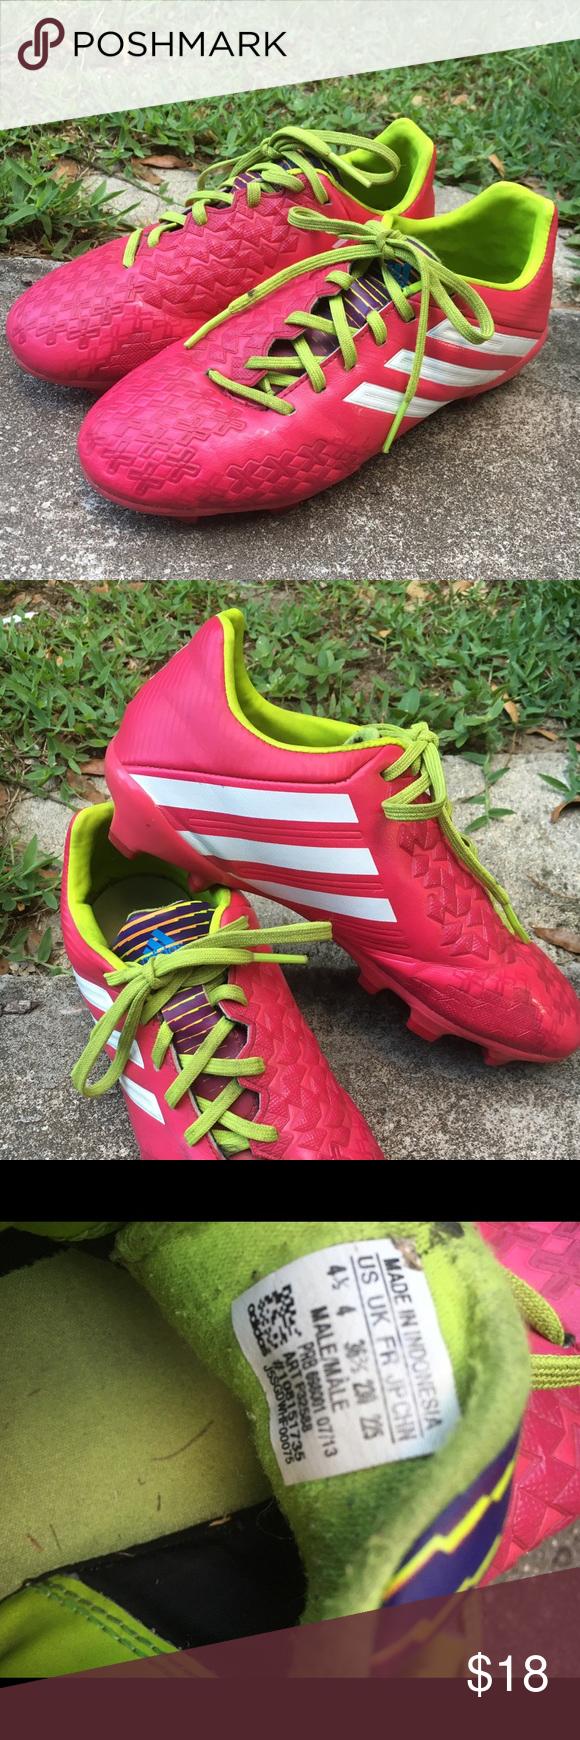 Adidas predator scarpini da calcio giovani formatori online